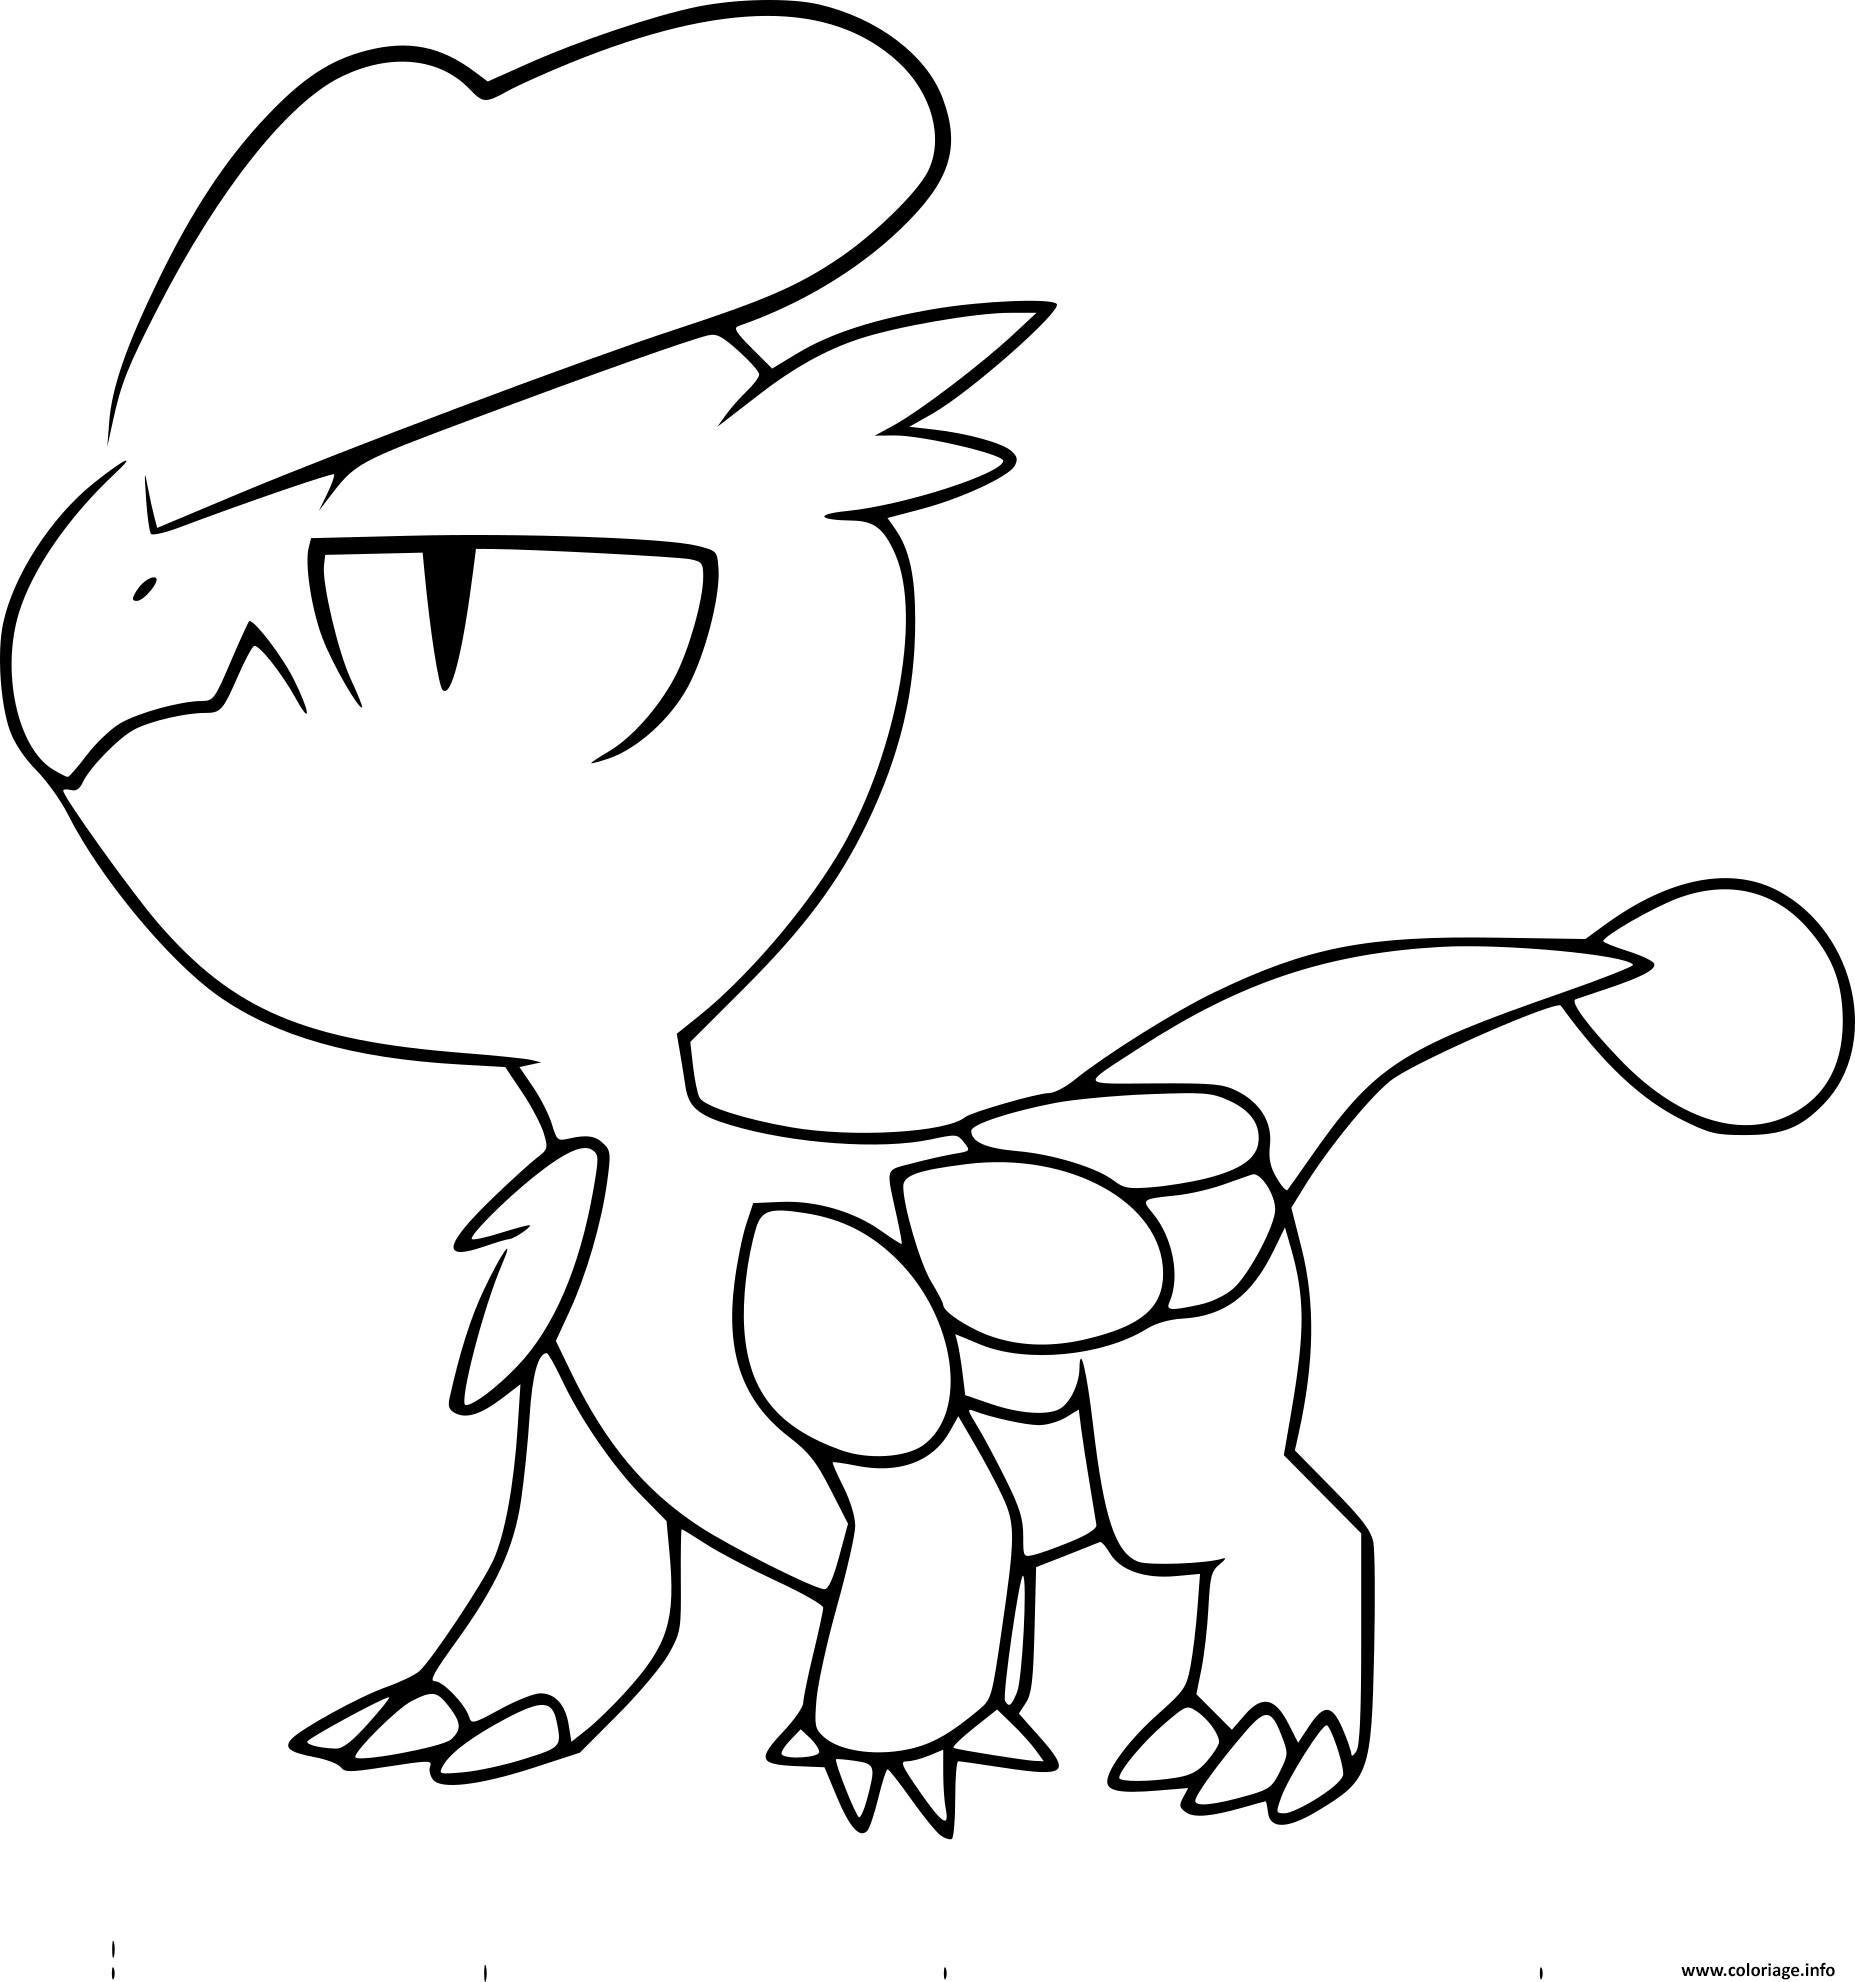 Coloriage pokemon xy bebecaille  imprimer et coloriage en ligne pour enfants Dessine les coloriages Pokemon Xy Bebecaille de dessin gratuit